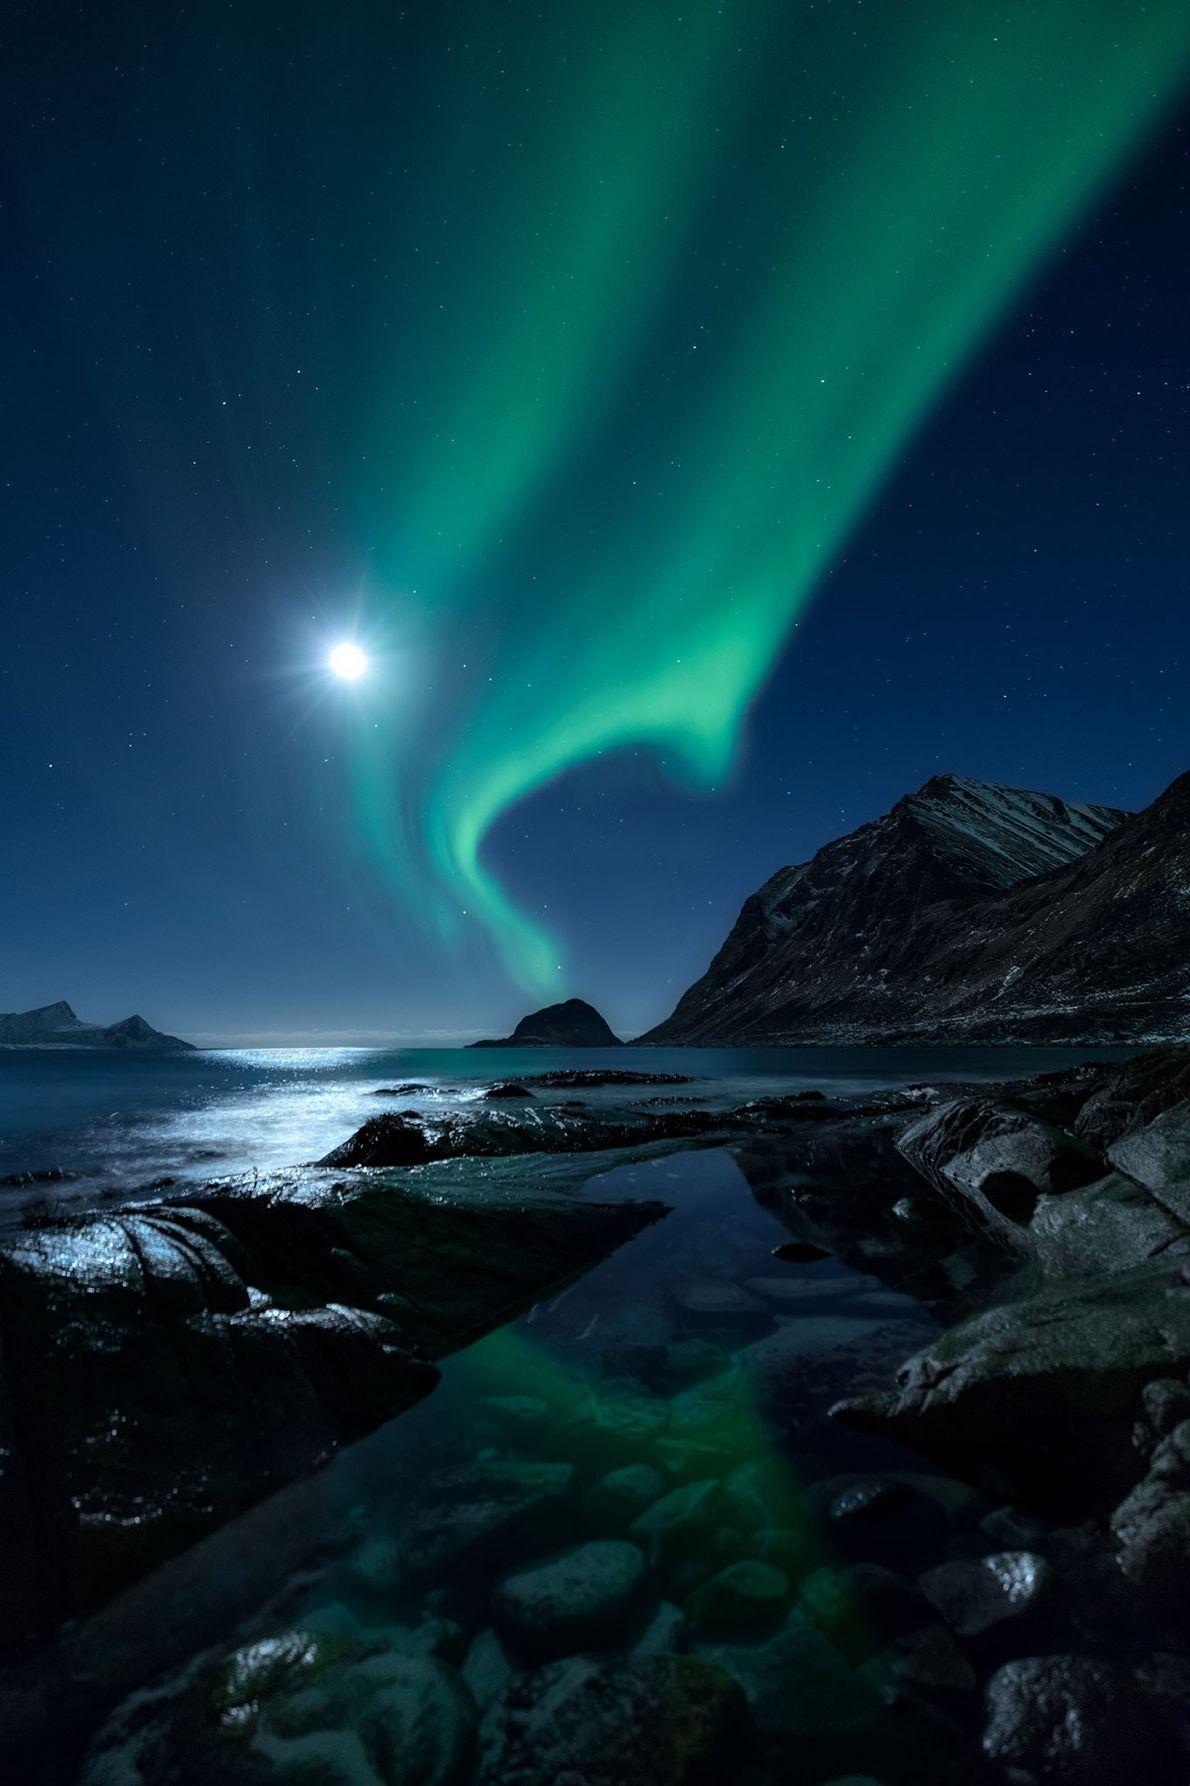 Über einem Fjord der norwegischen Lofoten leuchten der Mond und die Aurora borealis um die Wette.